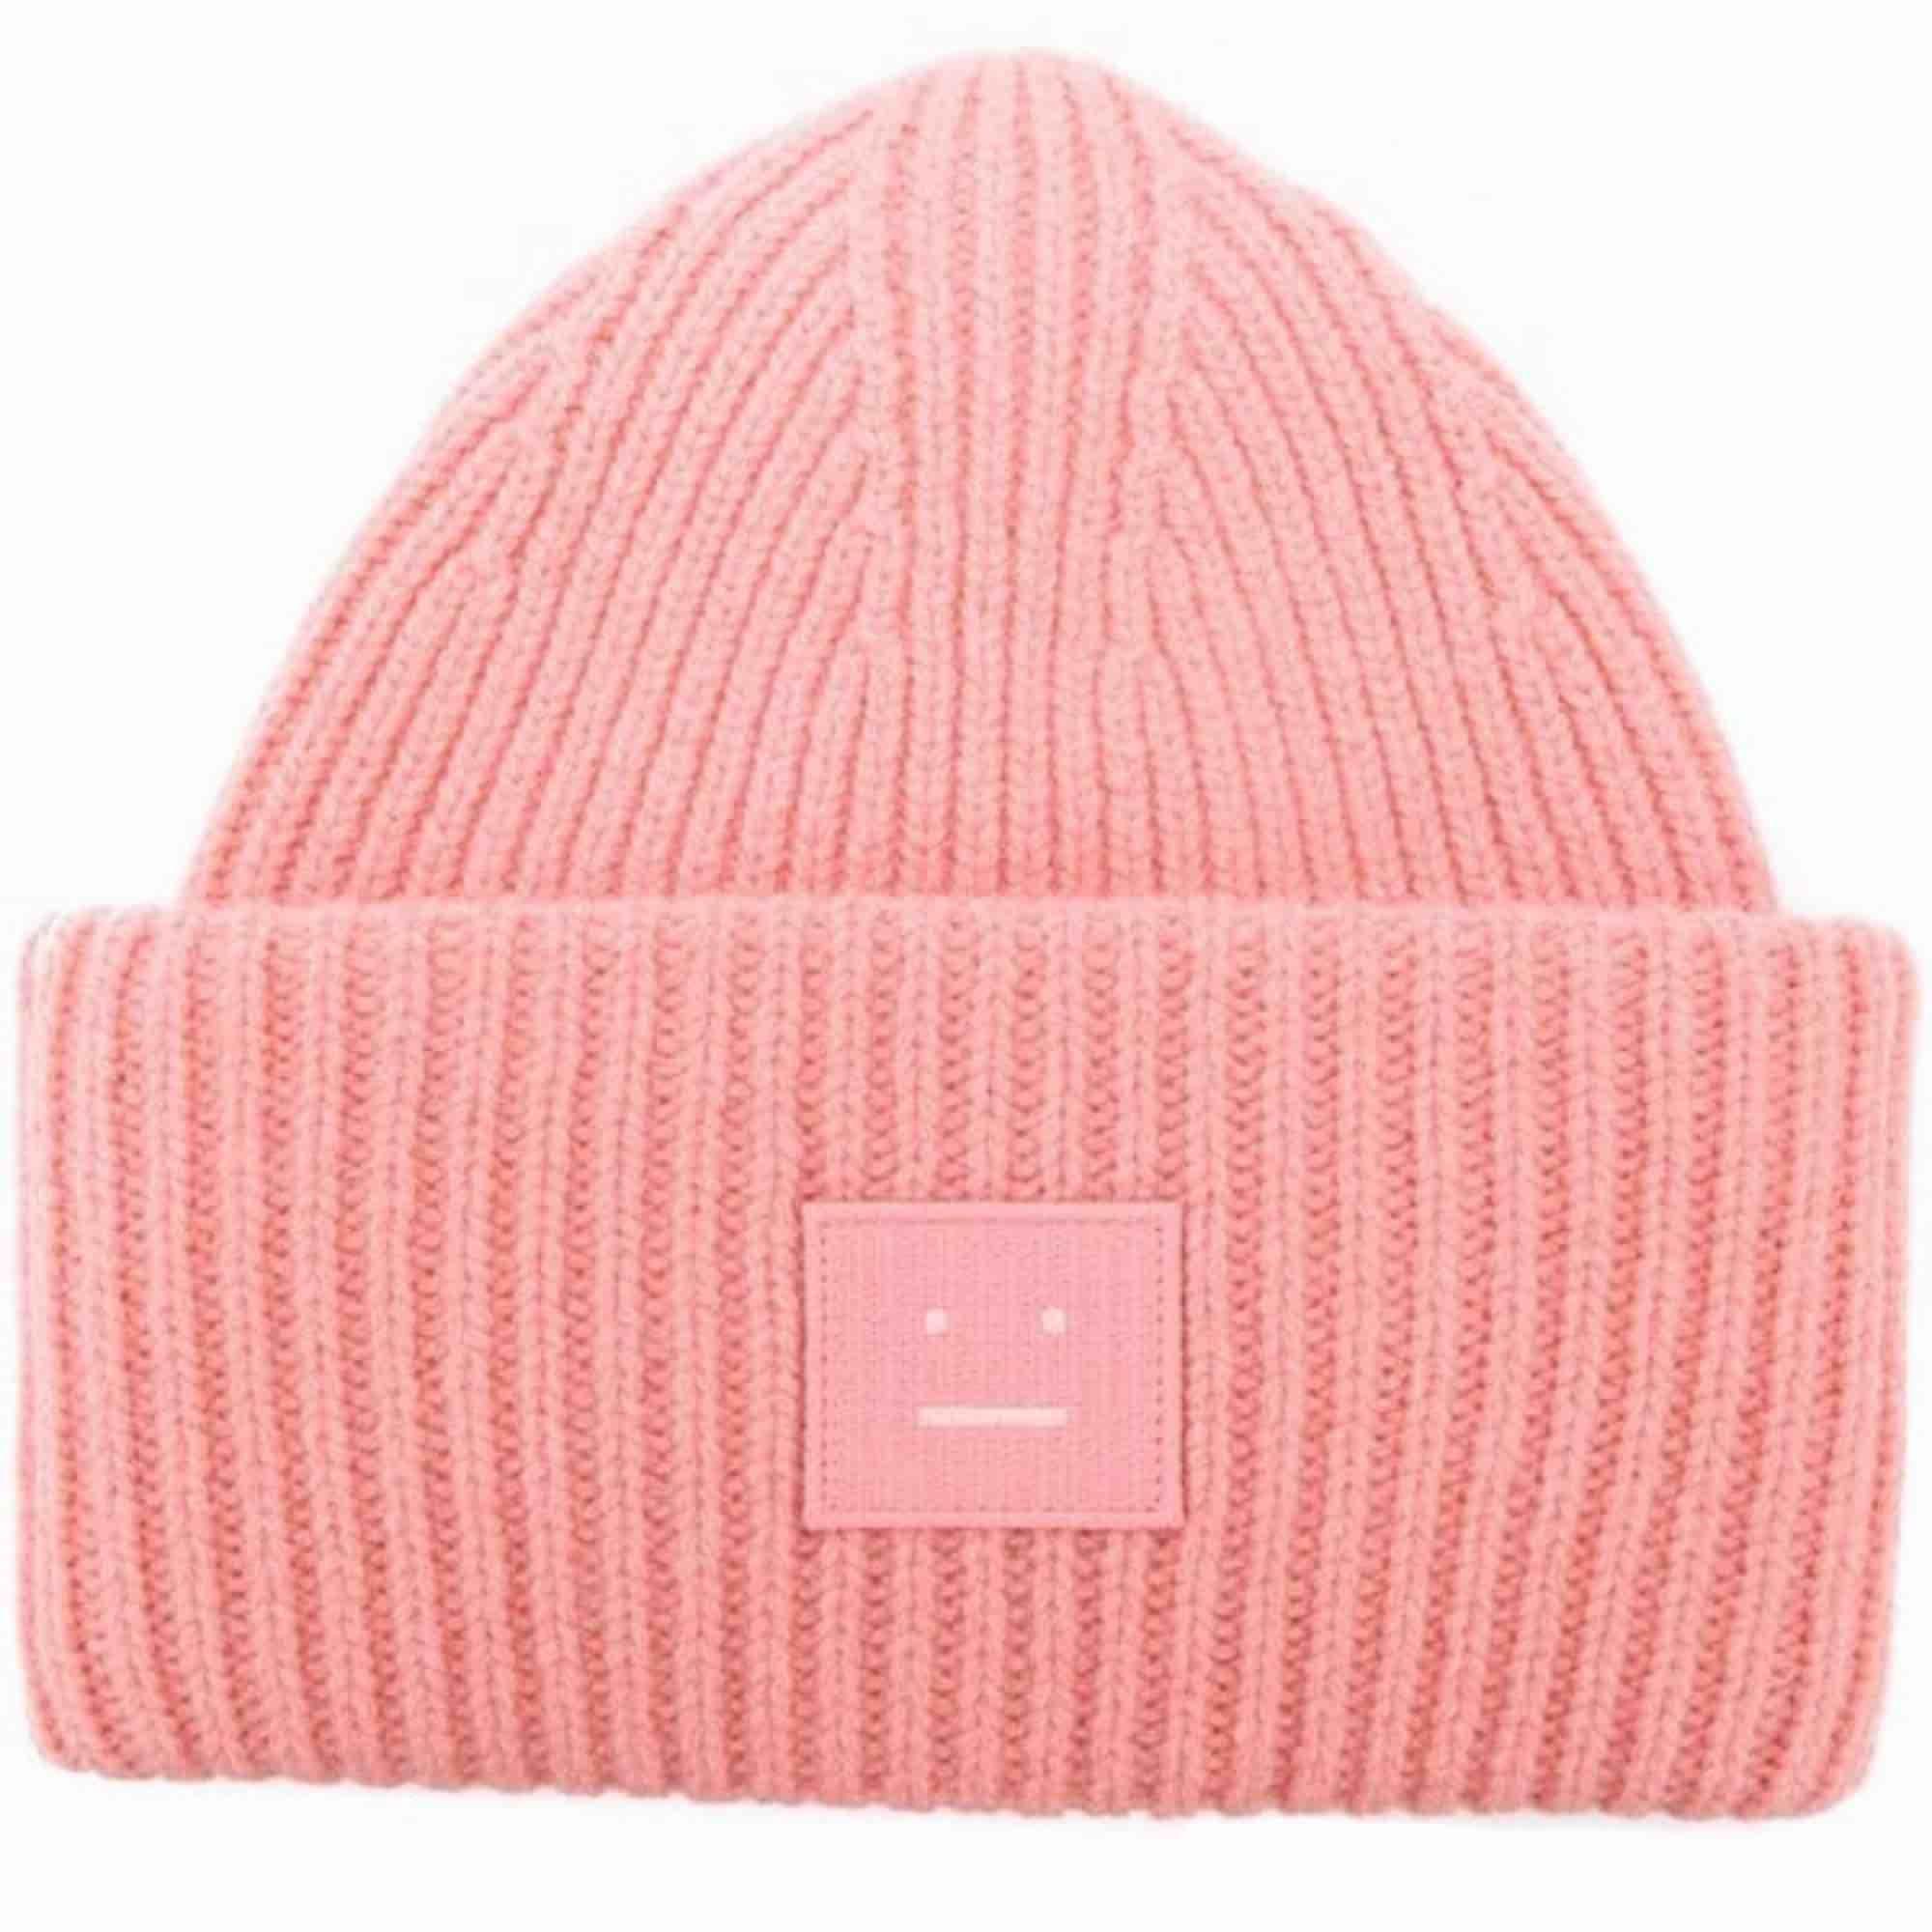 Den ursnygga acnemössan i Pansy-modellen i strålande skick! Älskar den rosa färgen MEN söker nu en i svart! Säljer den eller byter bort mot likadan i annan färg! Hör av dig så diskuterar vi pris! . Accessoarer.